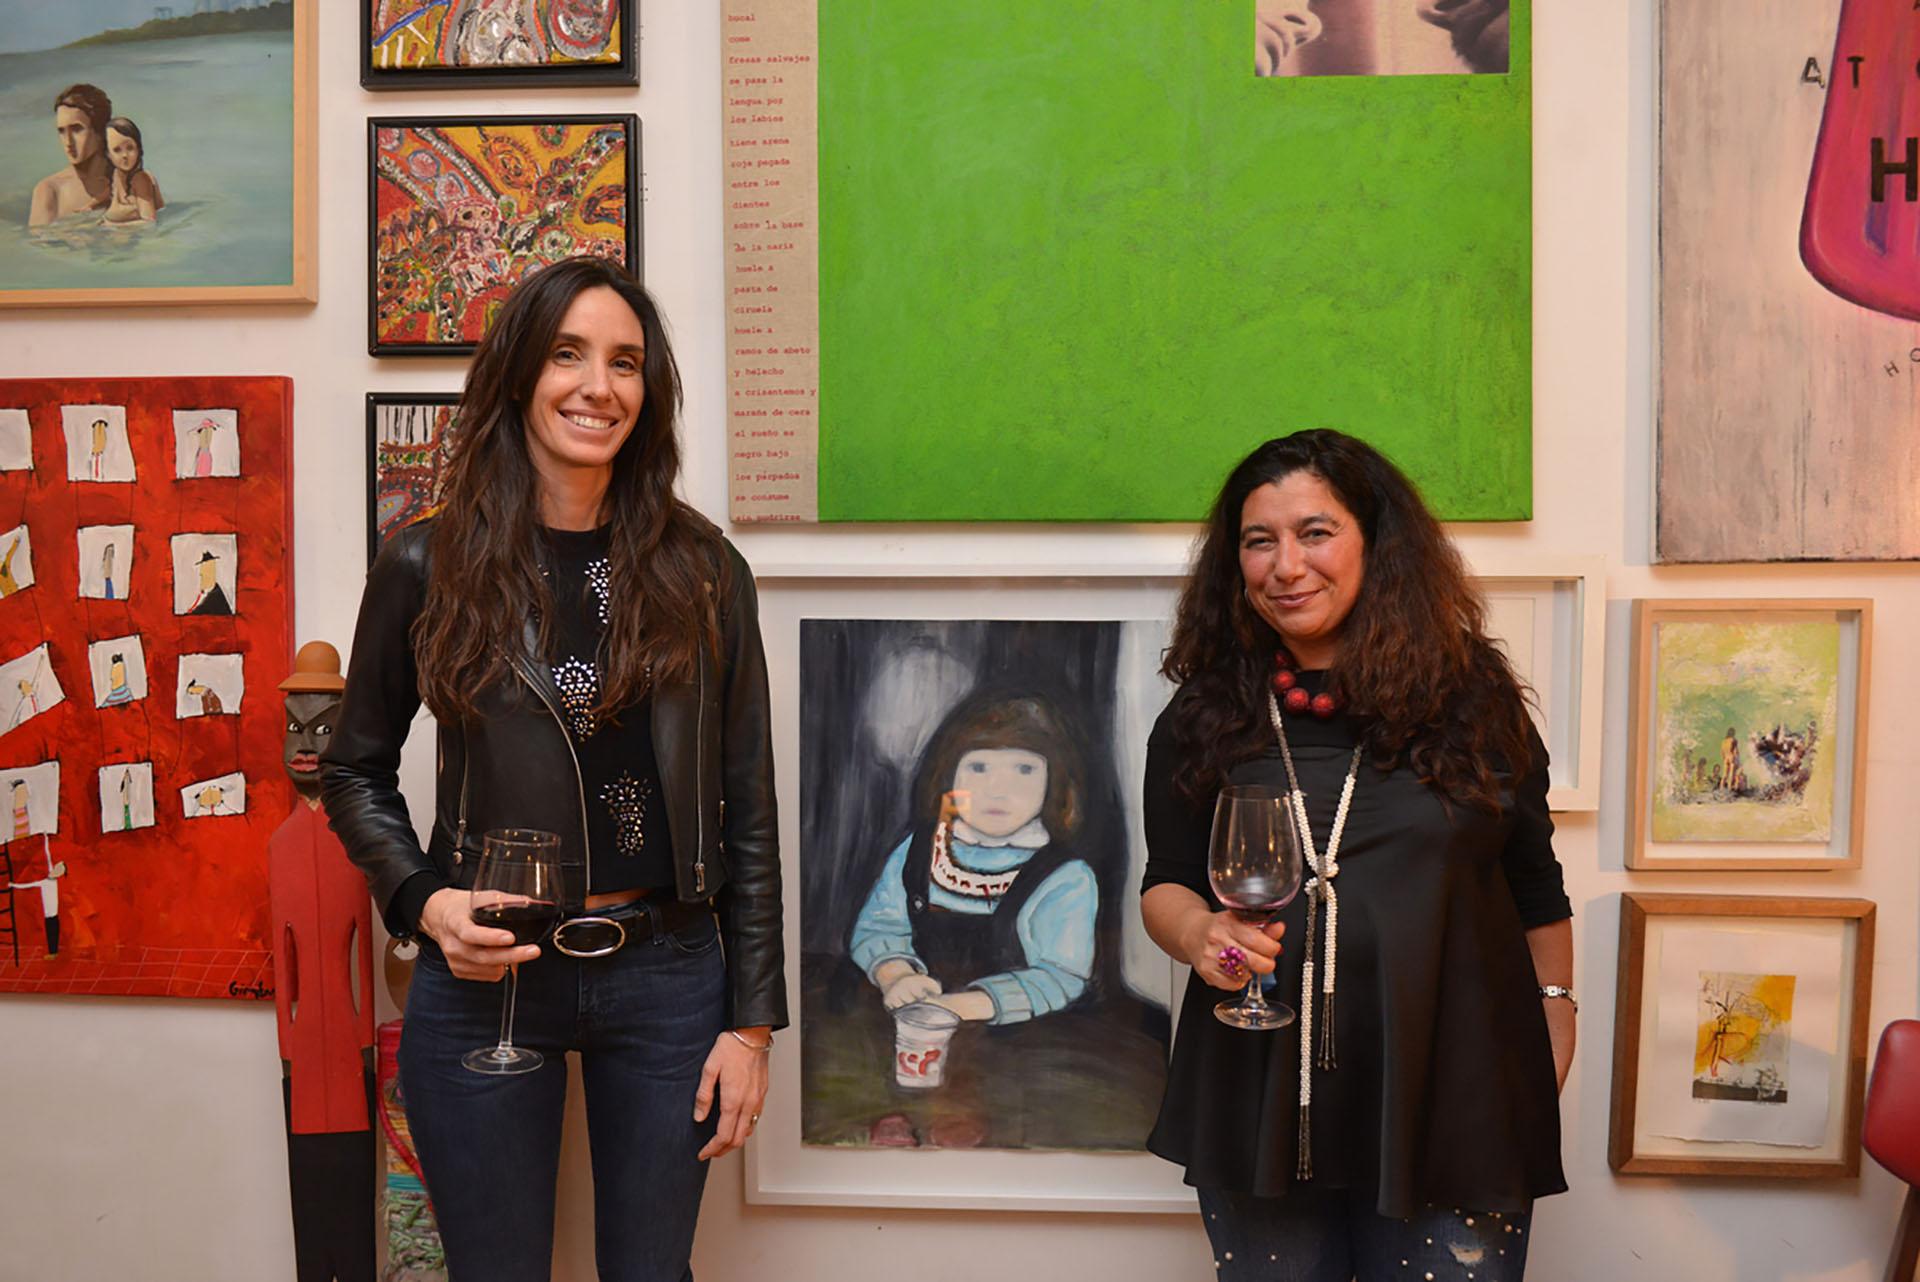 La artista Sofía Castro Cranwell junto a su obra, acompañada por Mariela Ivanier